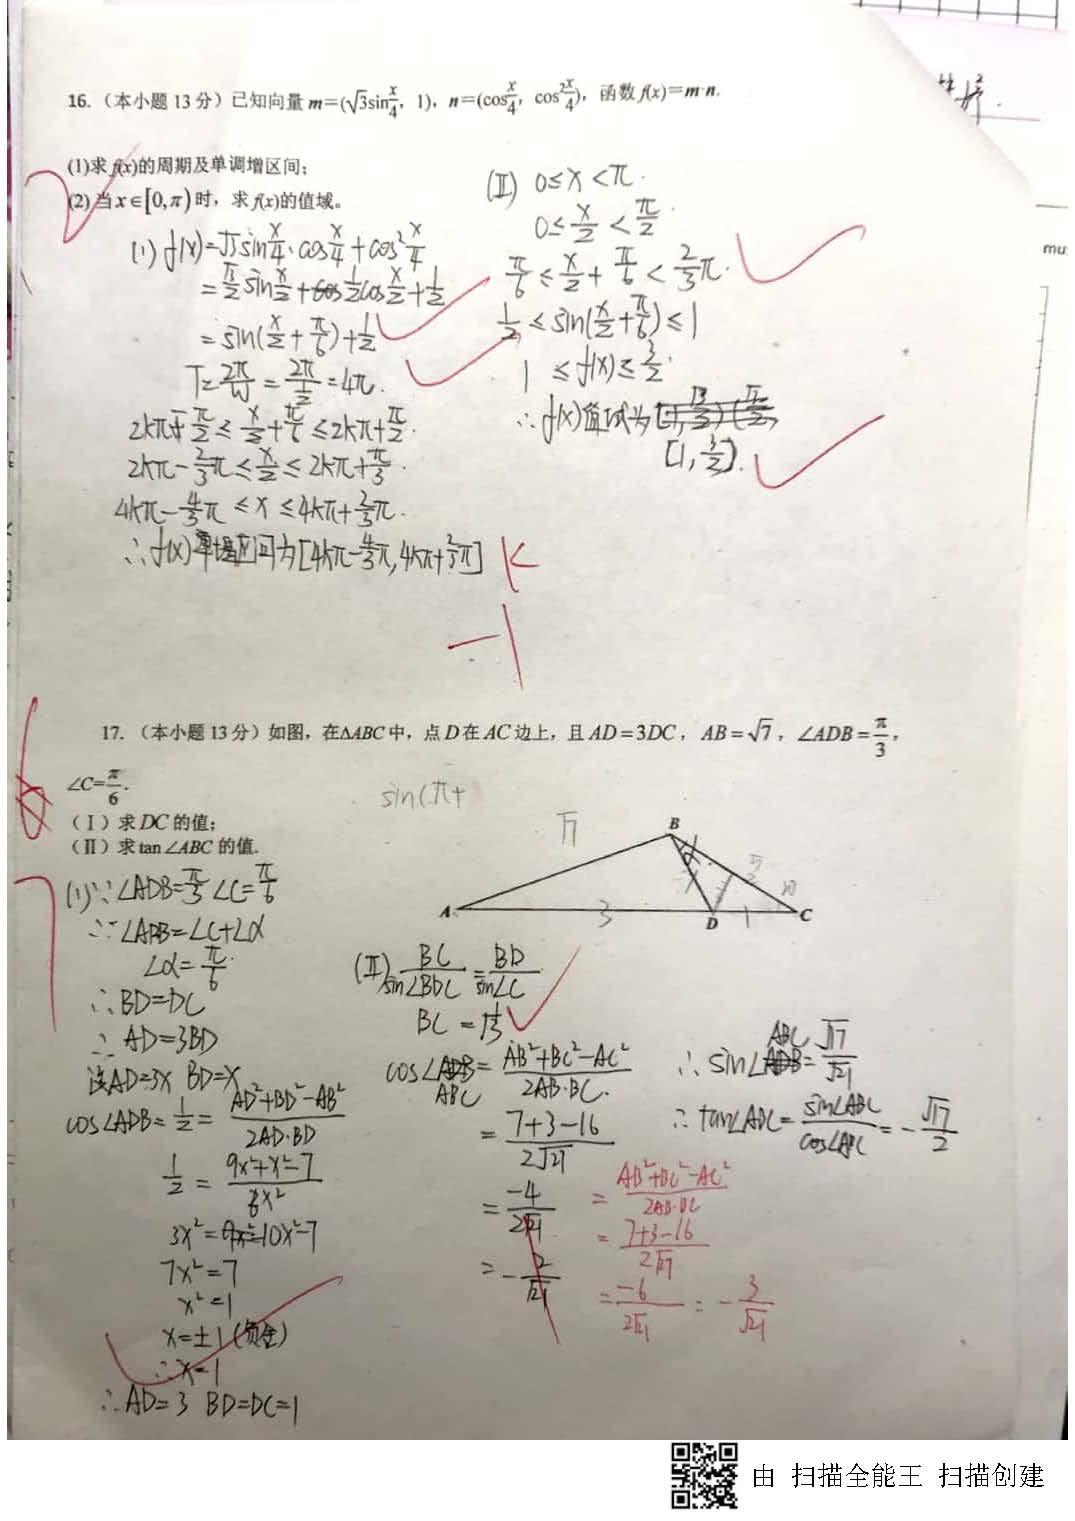 2019届北京交大附中高三理科数学期中模拟试题